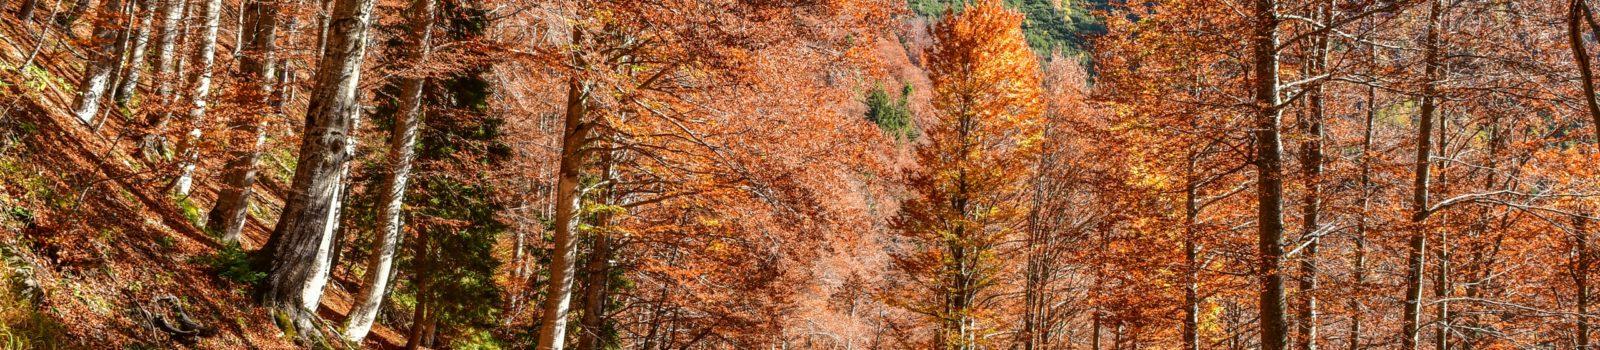 Bike&Hike-Tour zur Cima del Cacciatore in den Julischen Alpen, 2071m